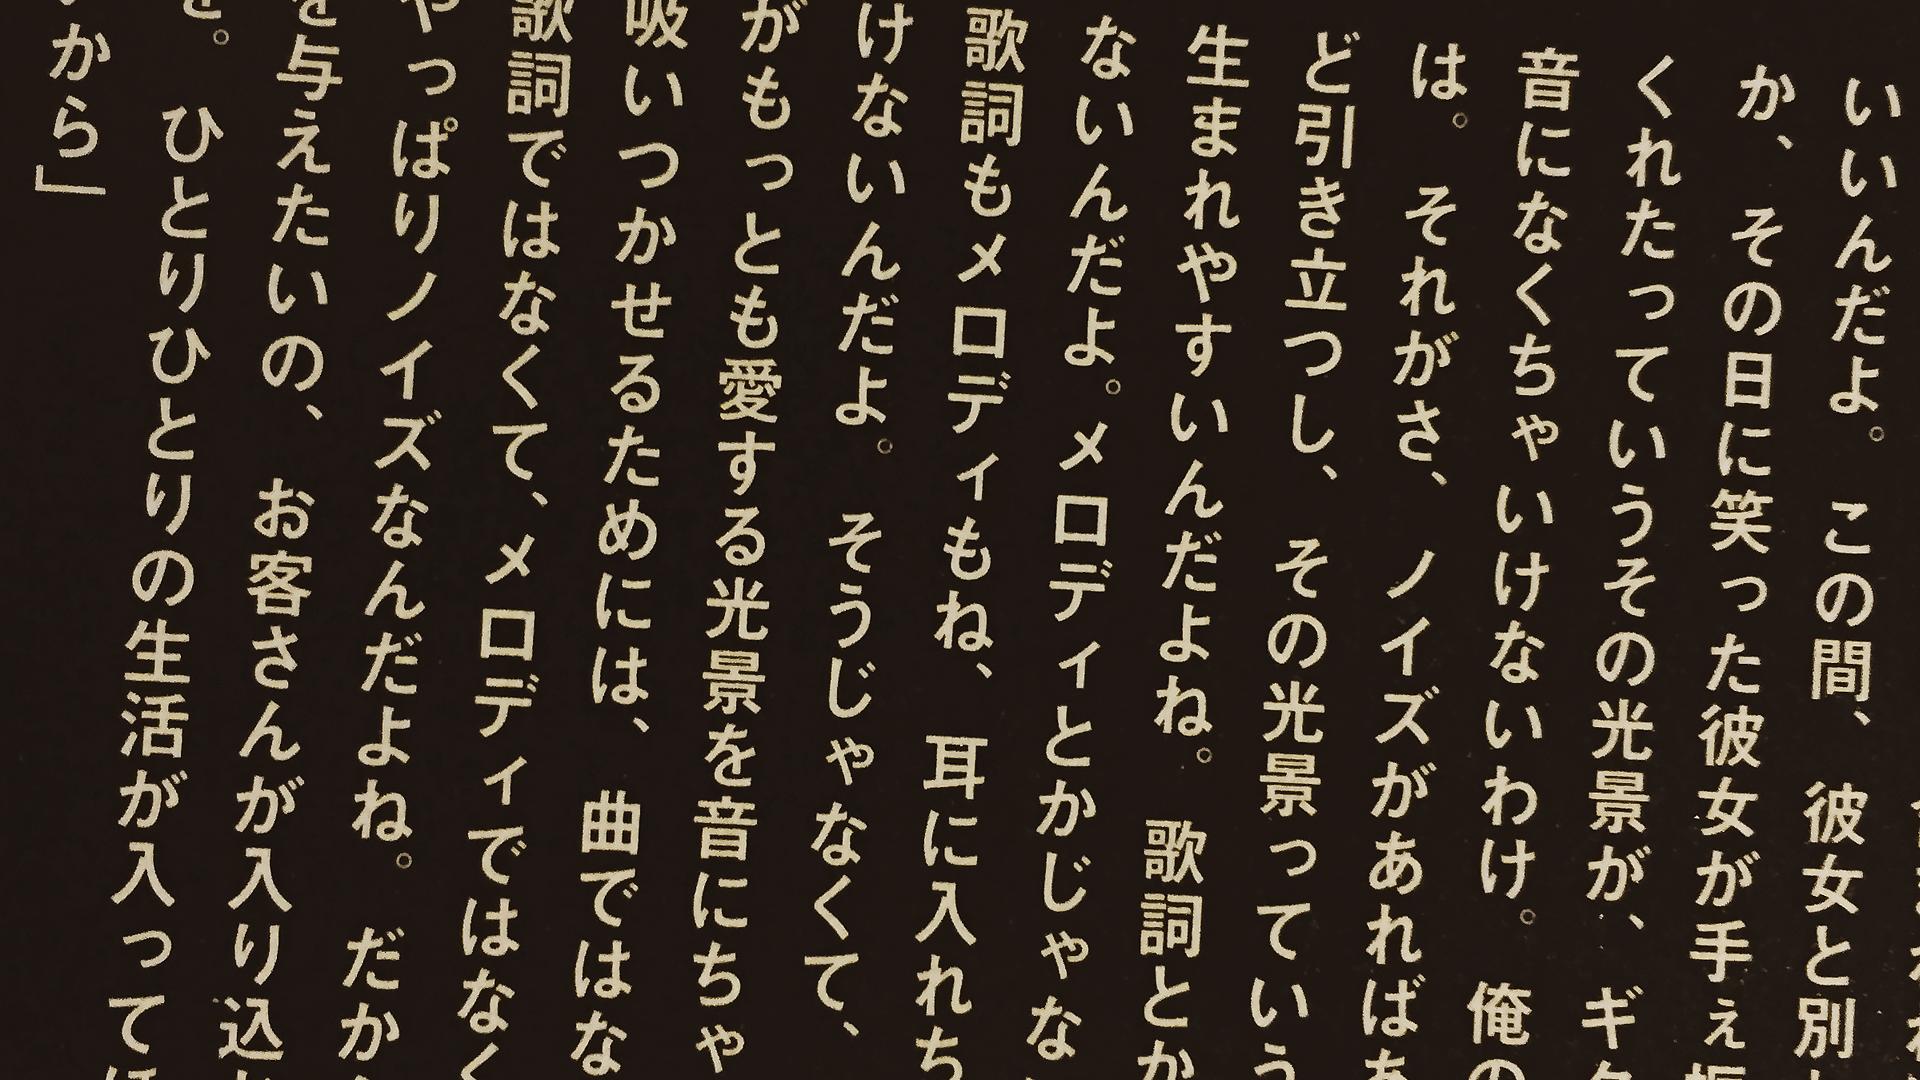 ロックインジャパンのインタビュー記事